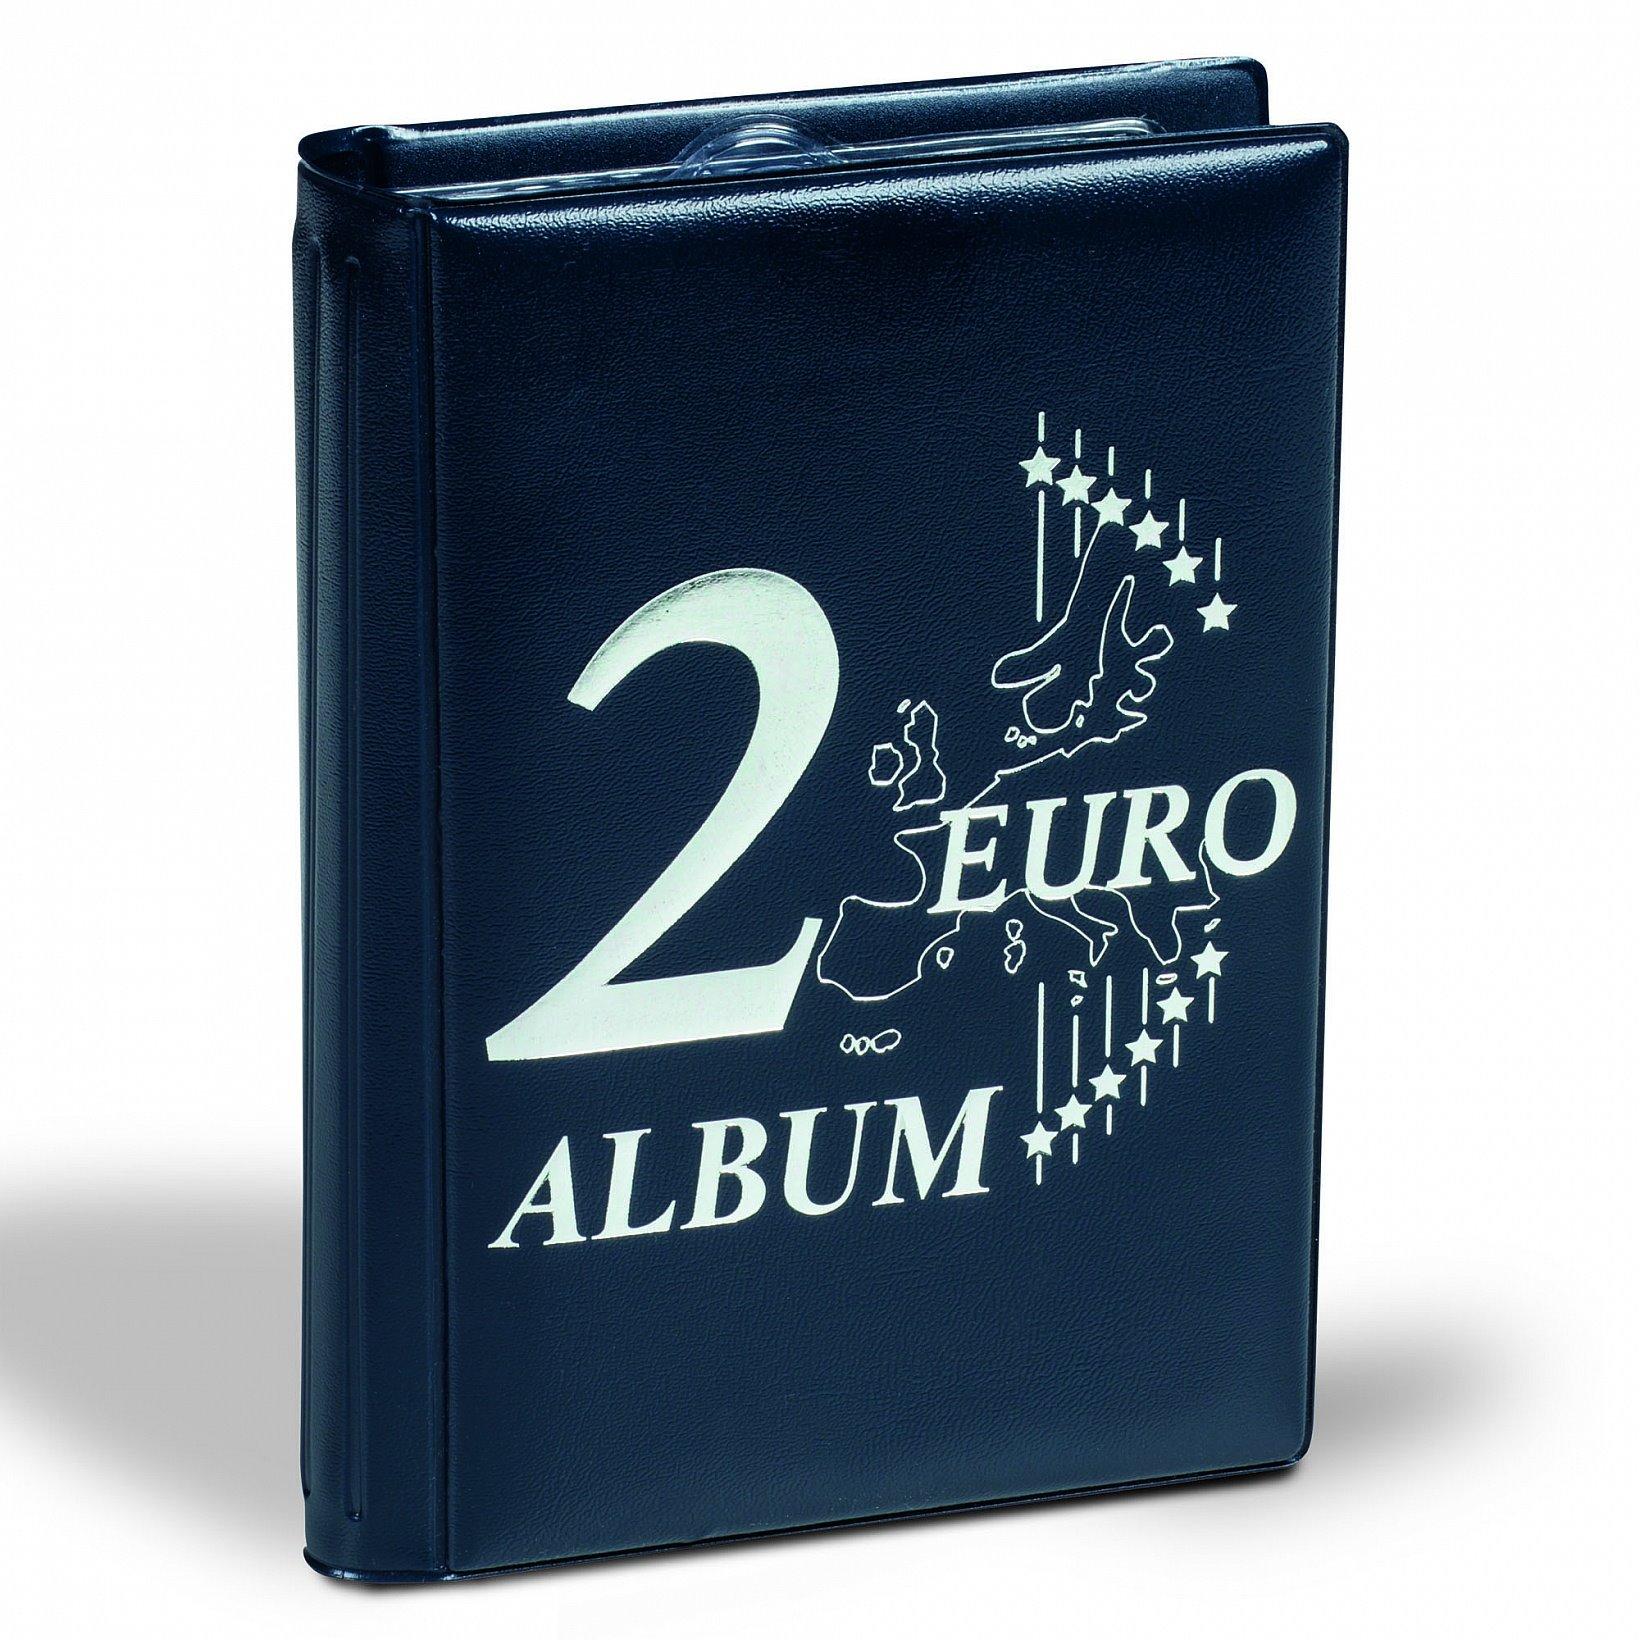 Album na monety 2 Euro - Numis